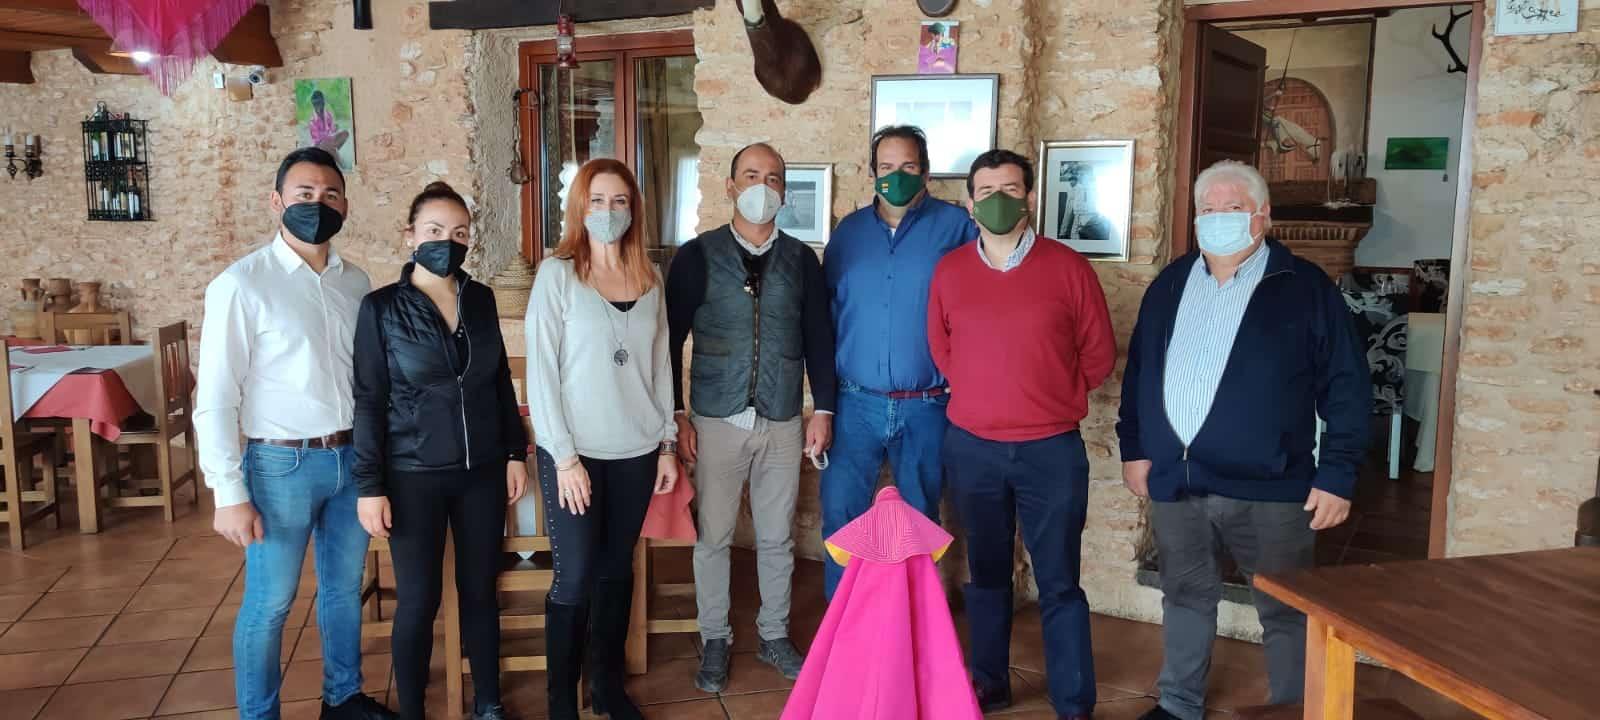 Ricardo Chamorro, diputado de VOX, visita la comarca de Montiel 5